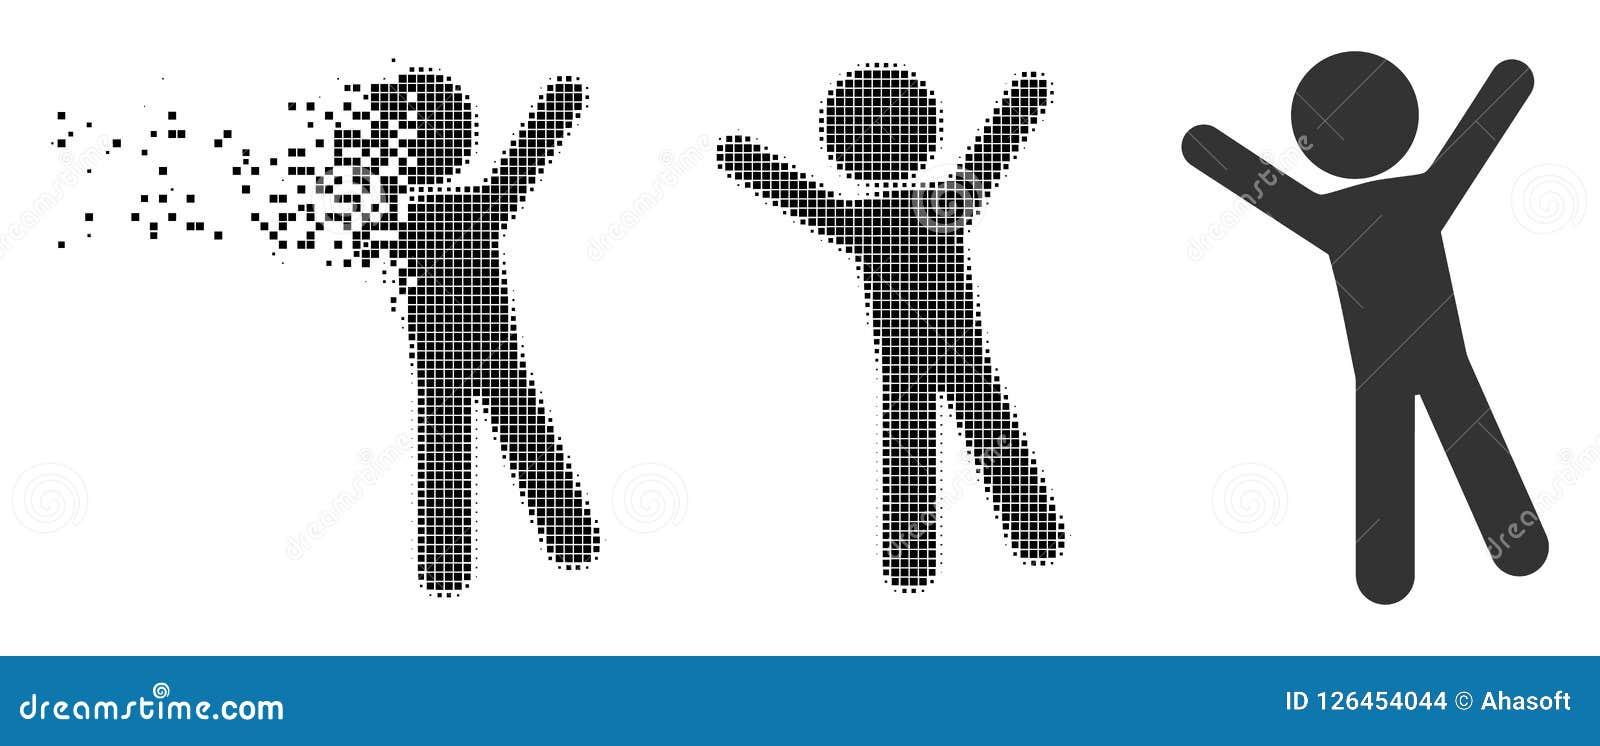 Broken Pixels: Broken Pixel Halftone Child Joy Icon Stock Vector